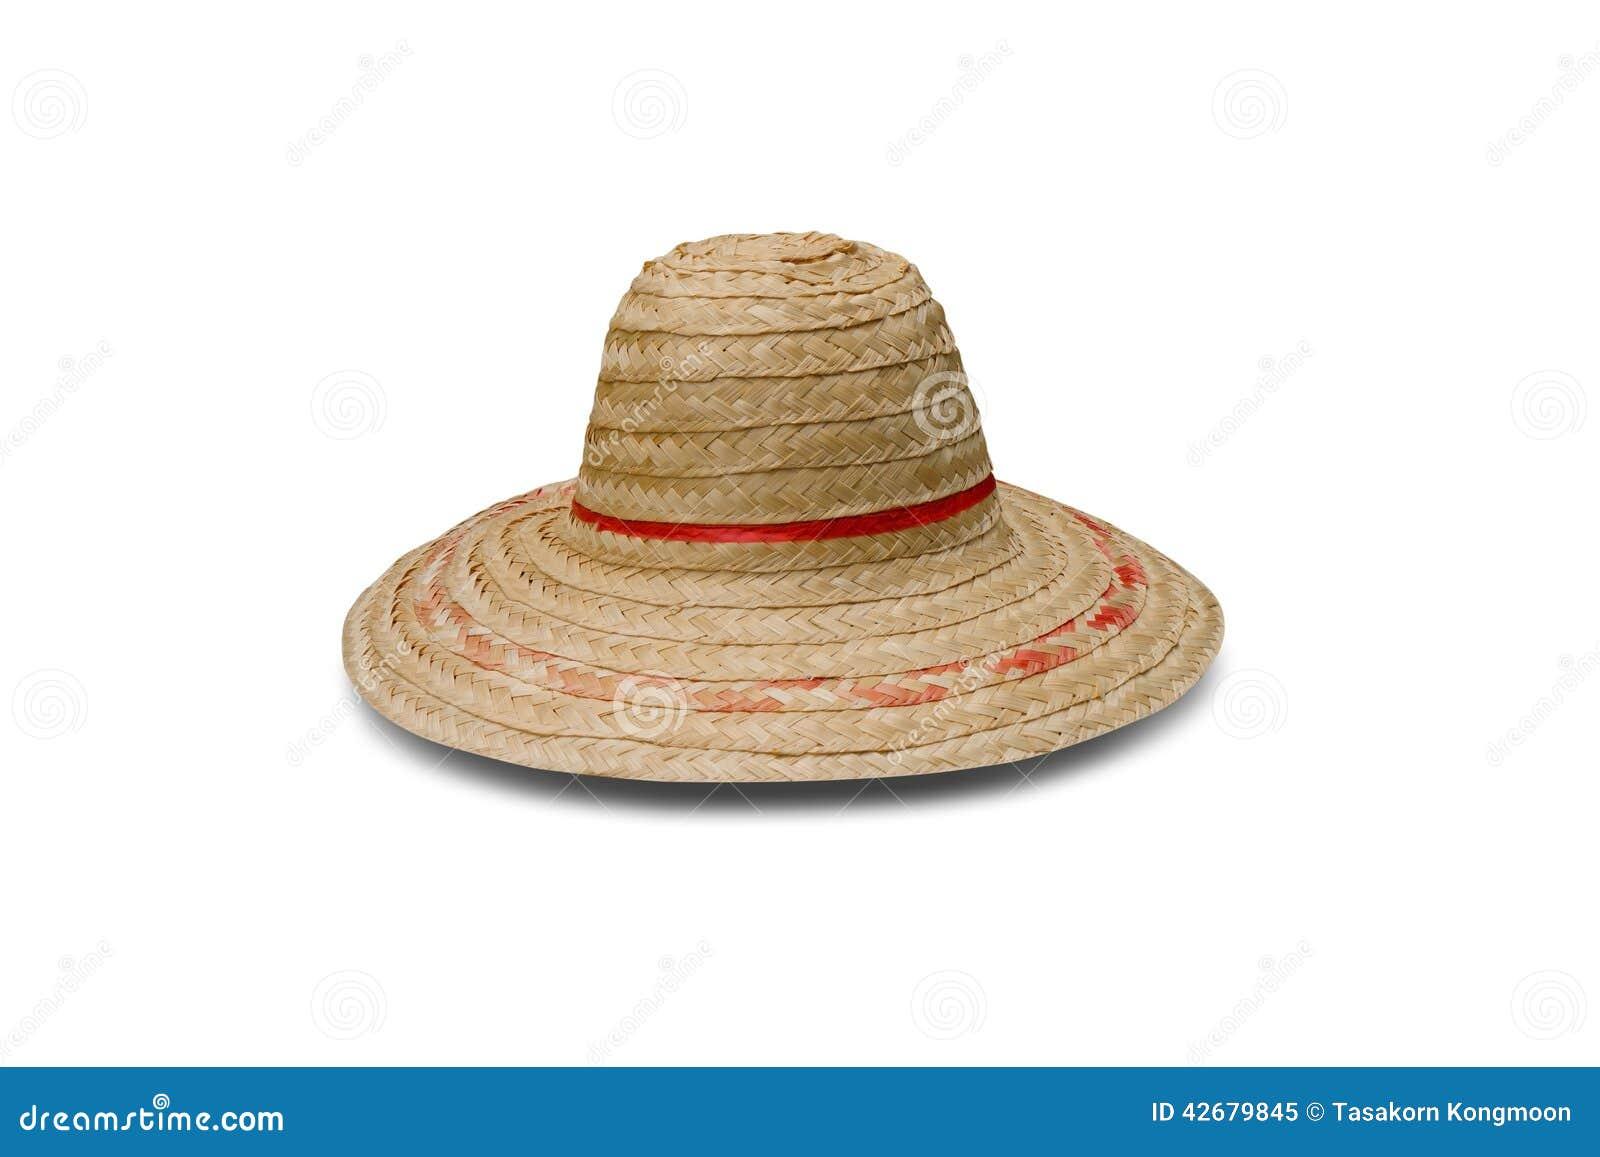 农夫帽子_它是在白色背景隔绝的竹农夫帽子.